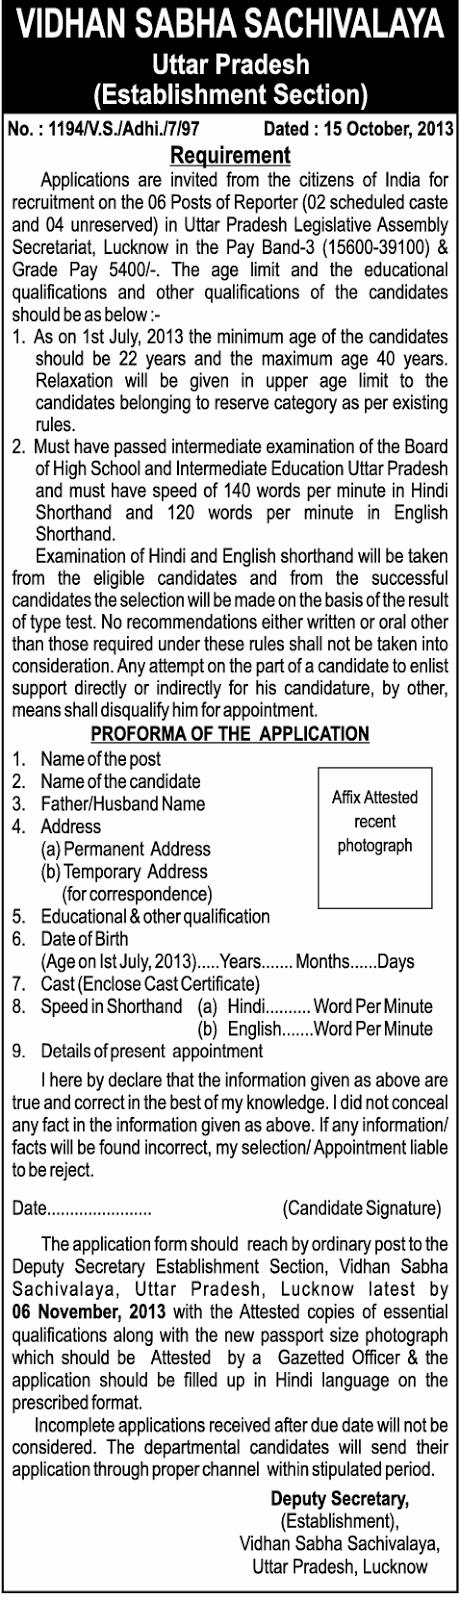 Vidhan Sabha Sachivalaya Uttar Pradesh Recruitment for